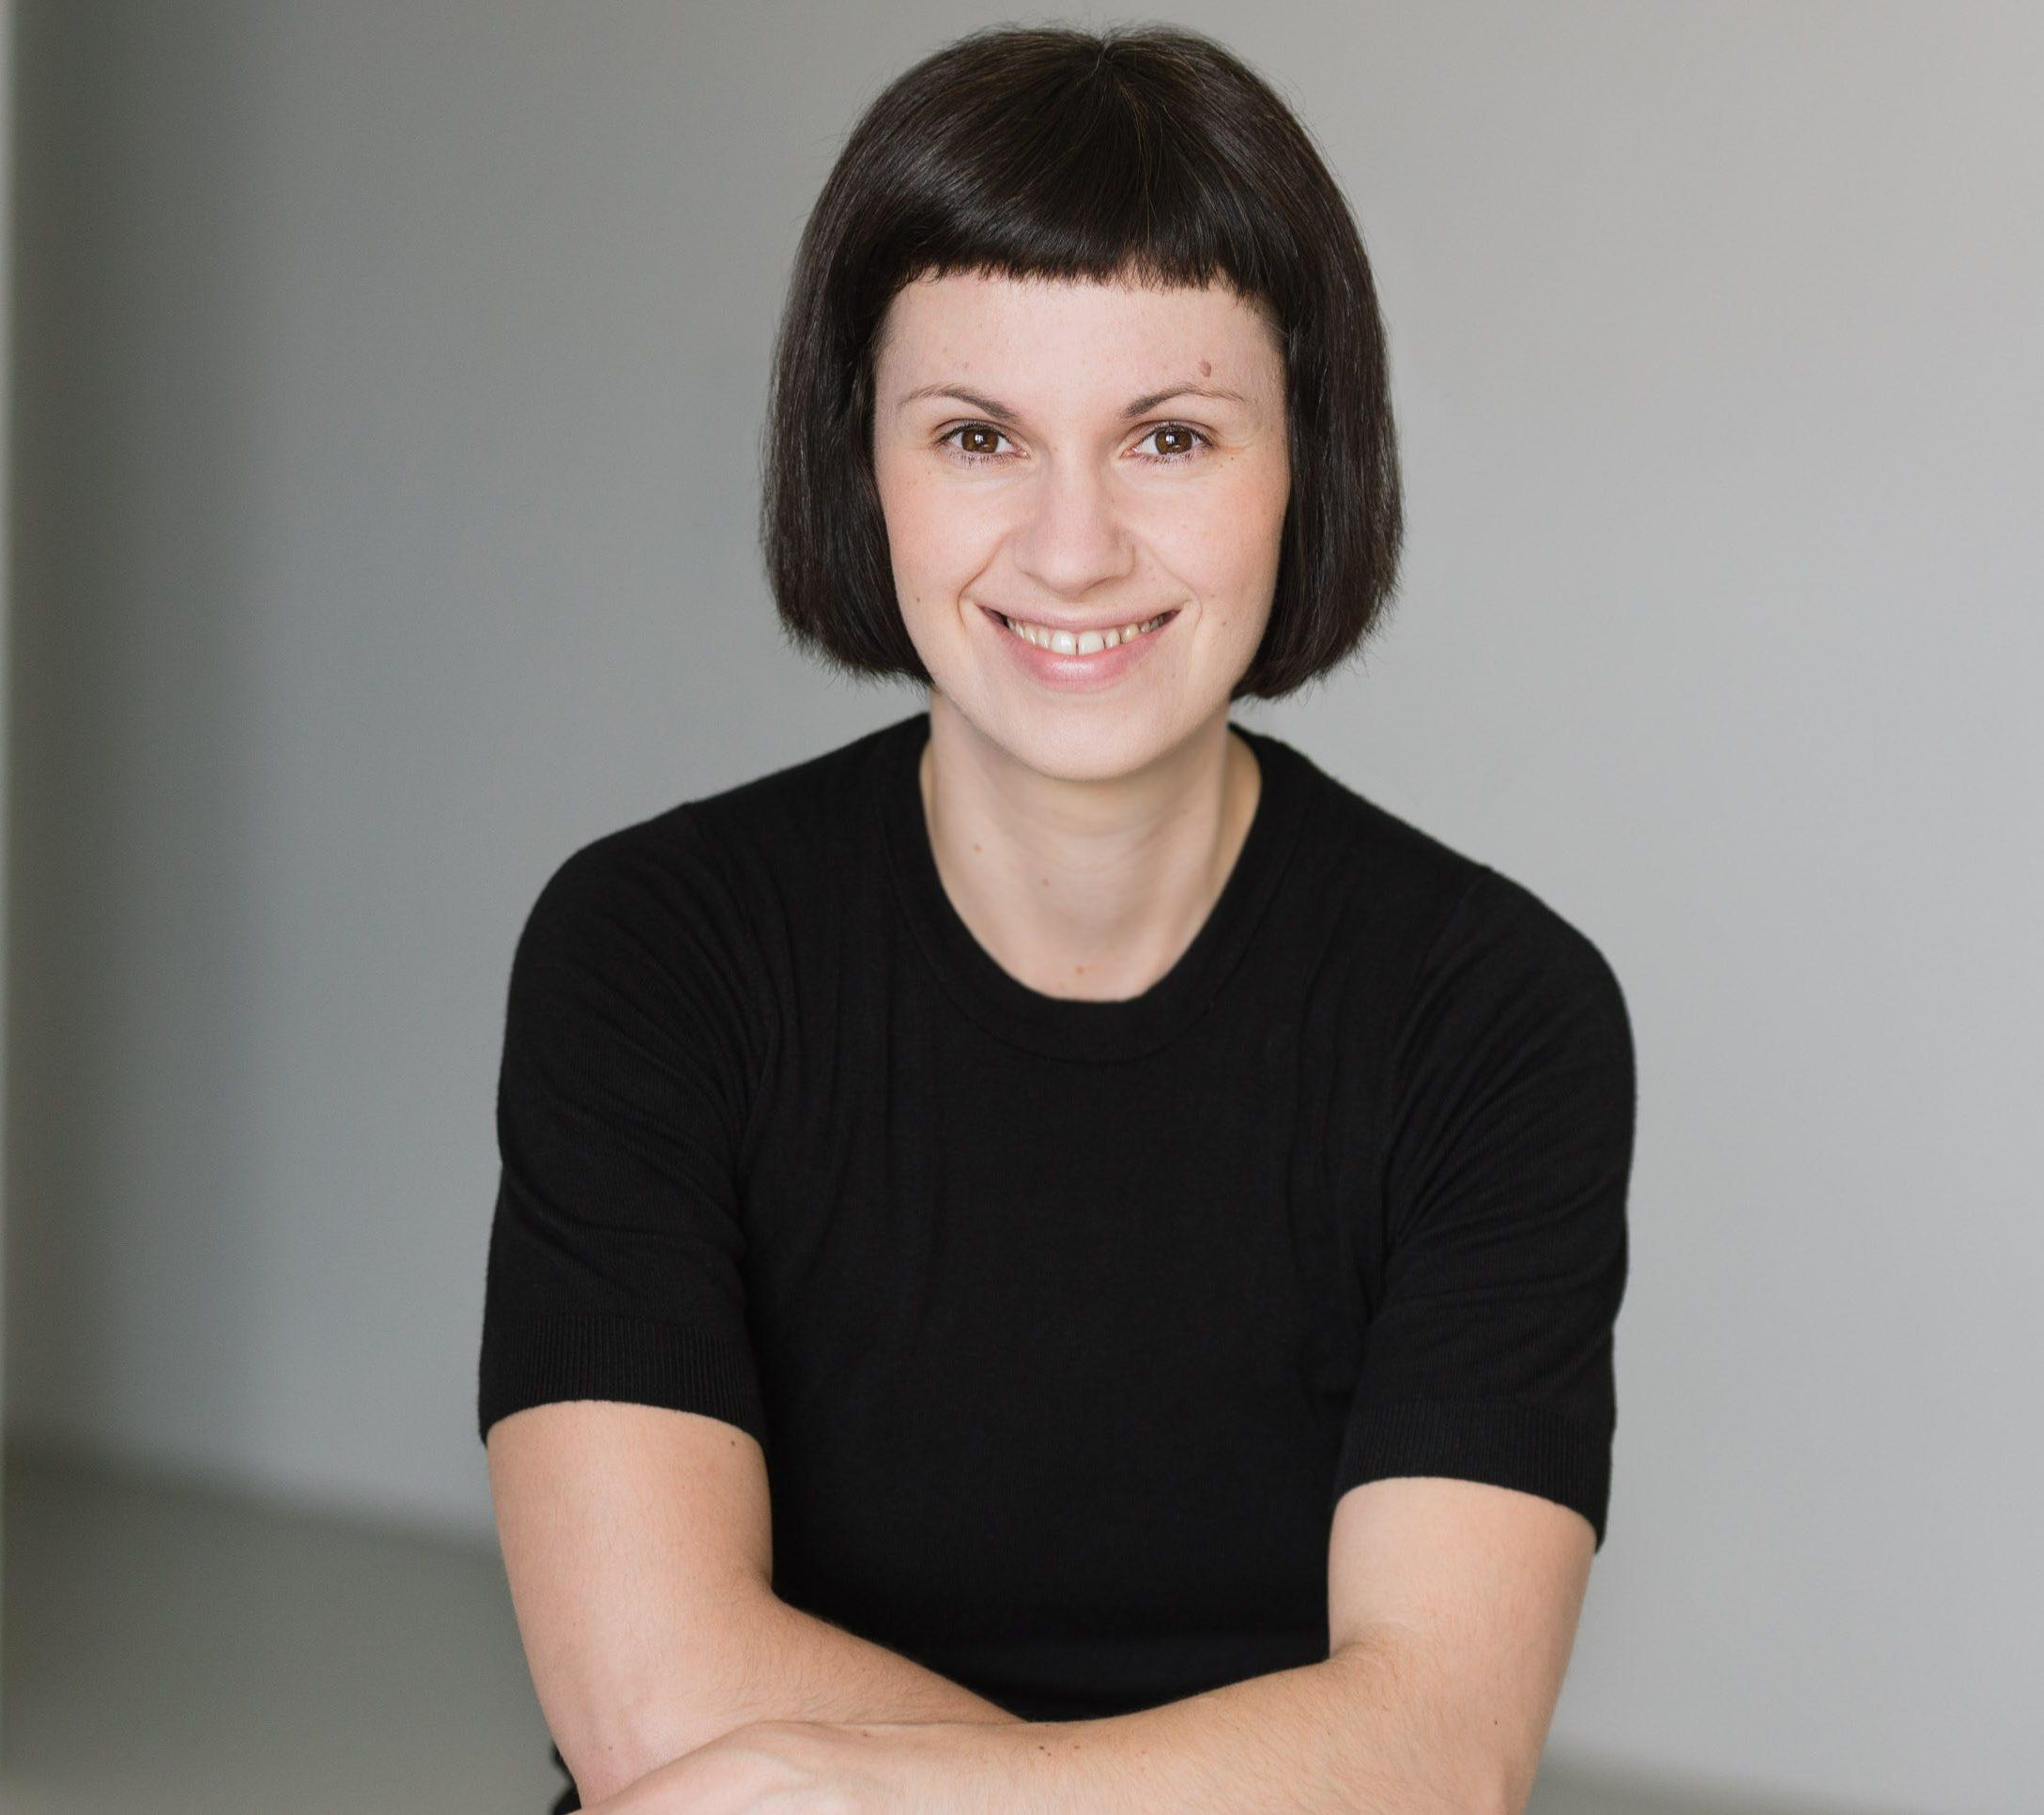 Helena Mihaljević ist promovierte Mathematikerin mit Hintergund in dynamischen Systemen. Seit 2018 ist sie Professorin für Data Science an der Hochschule für Technik und Wirtschaft in Berlin in Assoziation mit dem Einstein Center Digital Future. Sie forscht in interdisziplinären Projekten, u.a. im Bereich der datenbasierten Mobilitätsforschung.